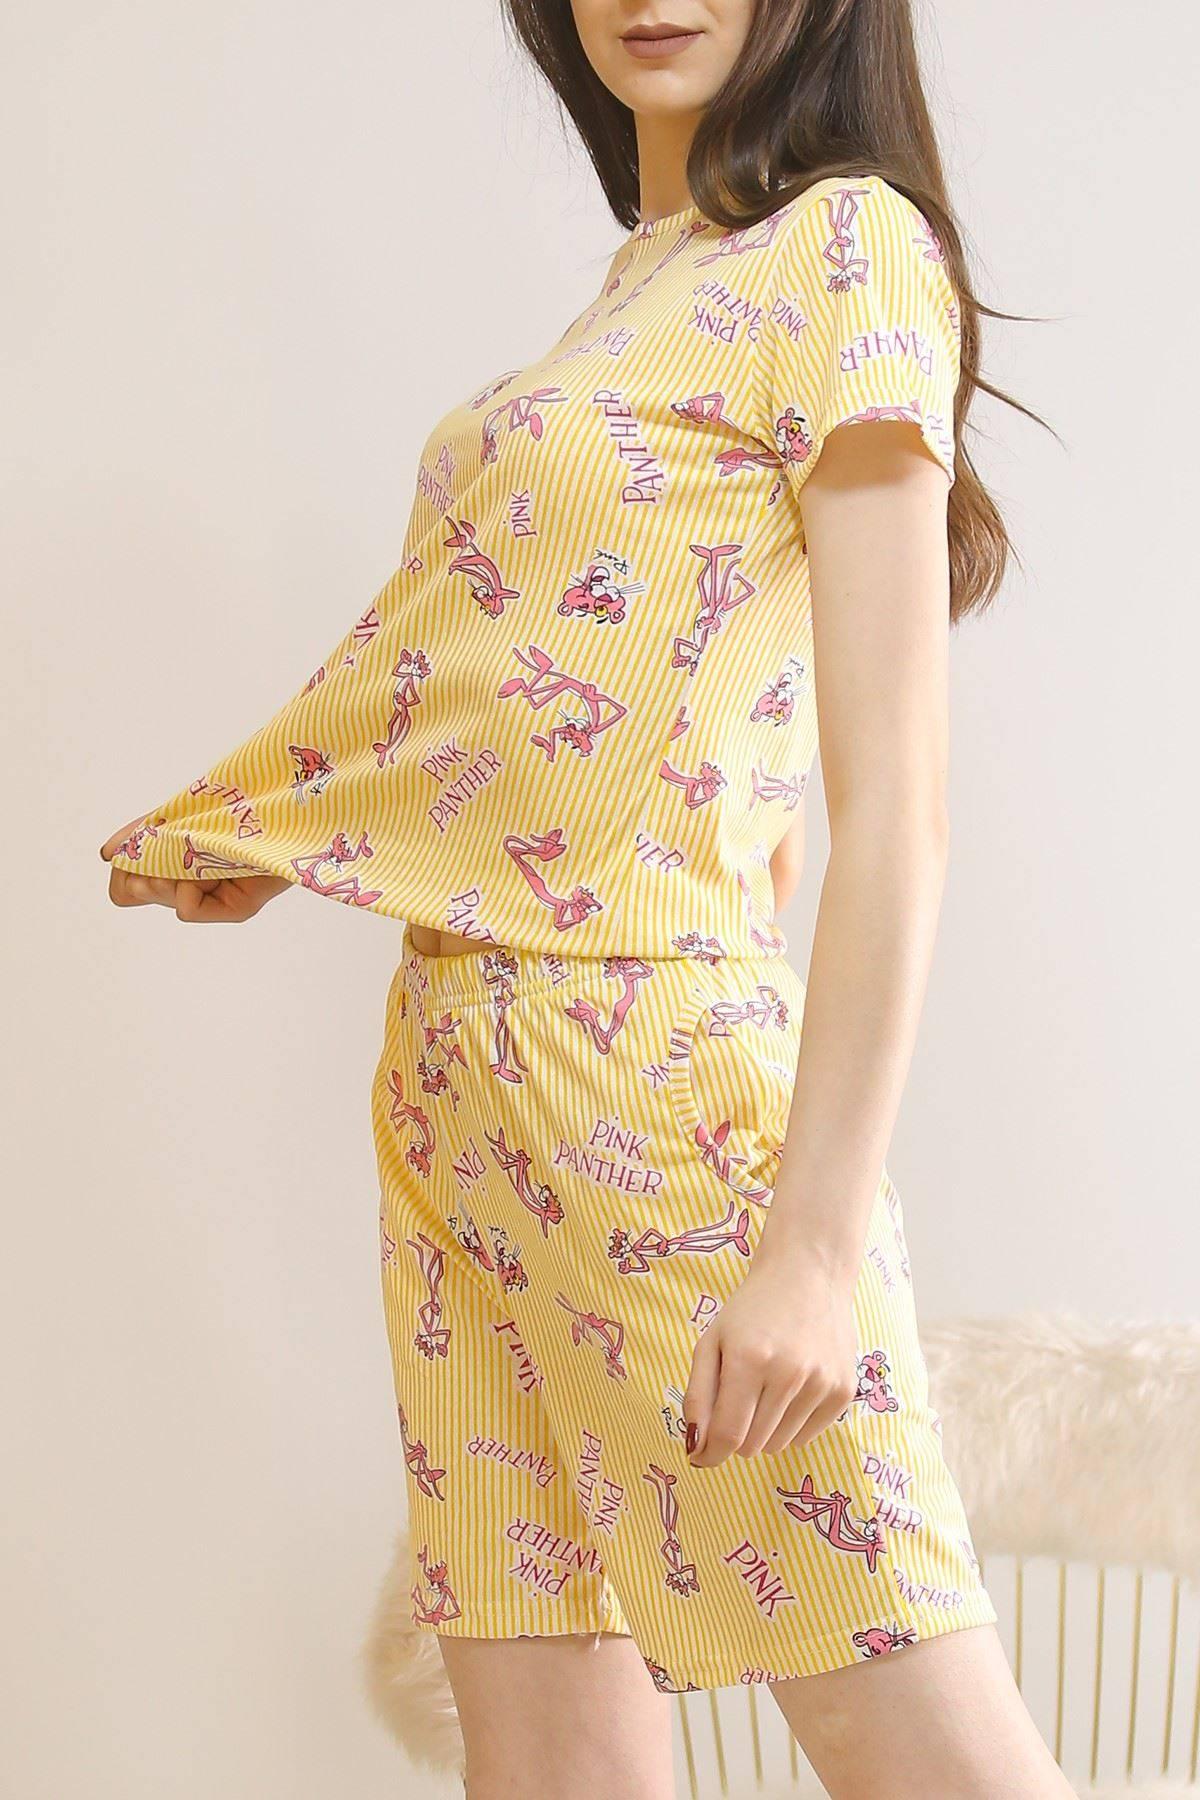 Şortlu Pijama Takımı Sarı - 5924.1059.